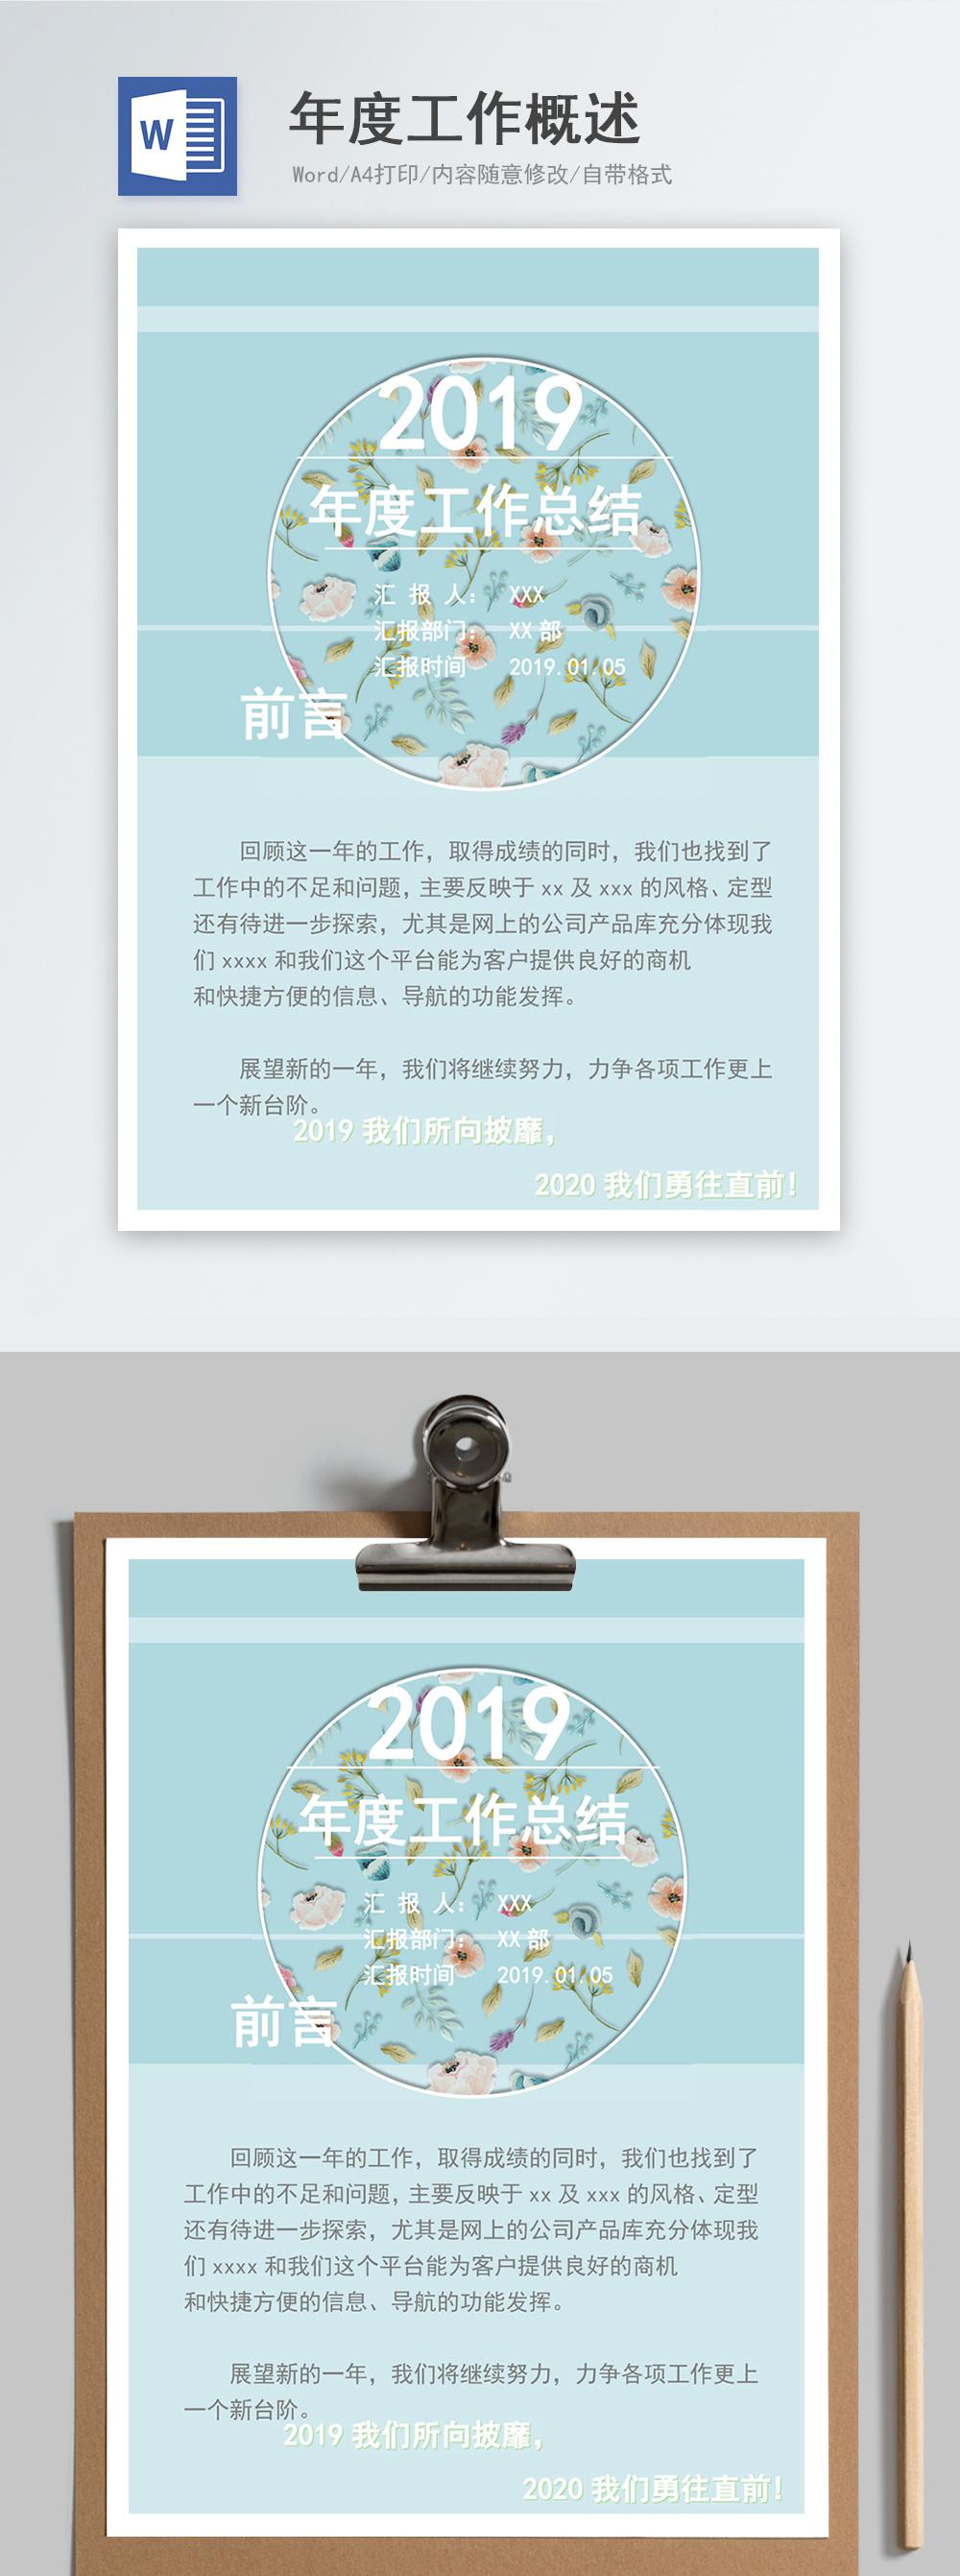 2019年度工作概述word模板图片